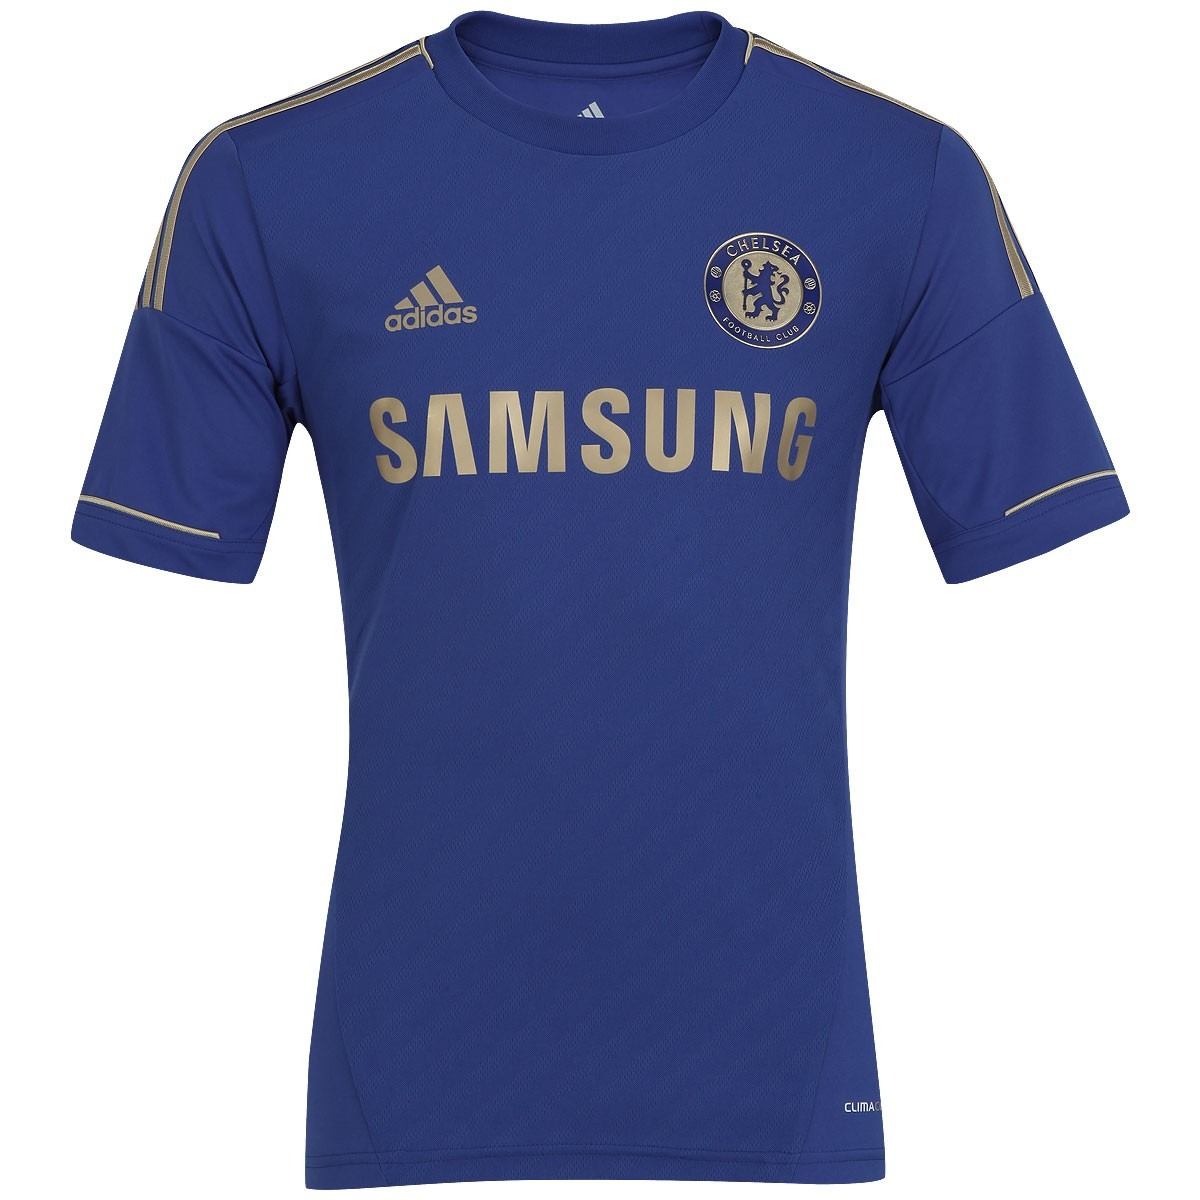 Camisa adidas Chelsea 12 13 - M - R  159 91355bffa0458